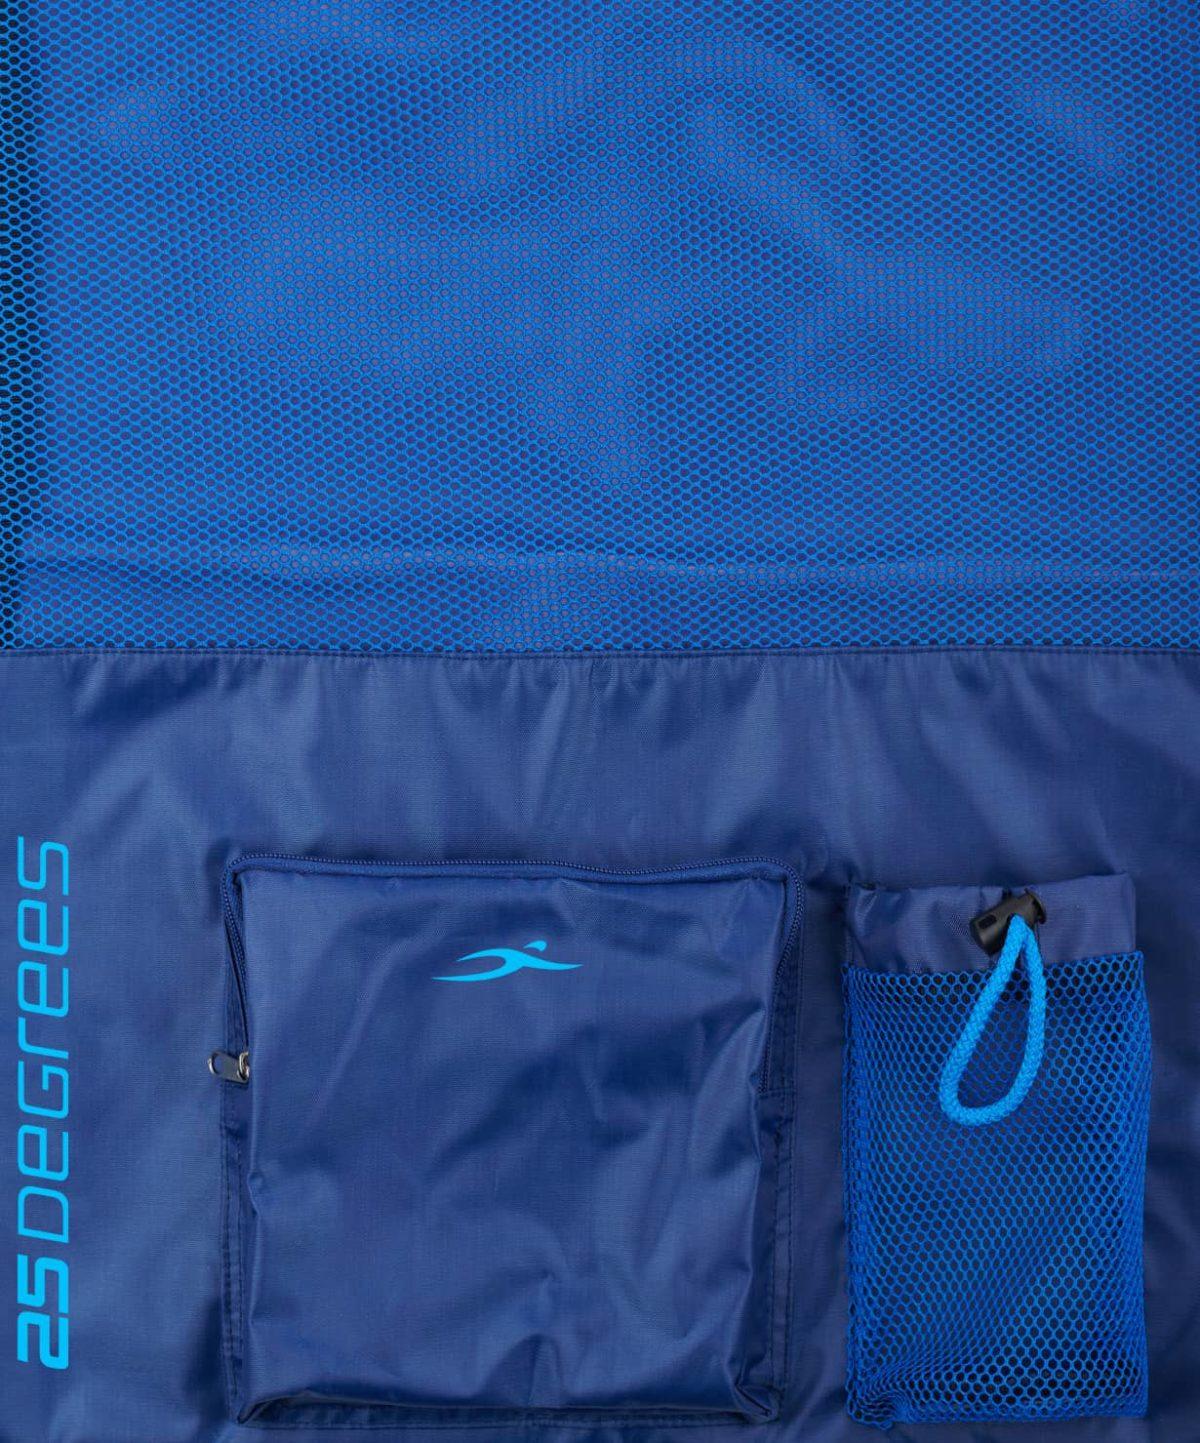 25DEGREES Рюкзак Maxpack  25D21015: синий - 3